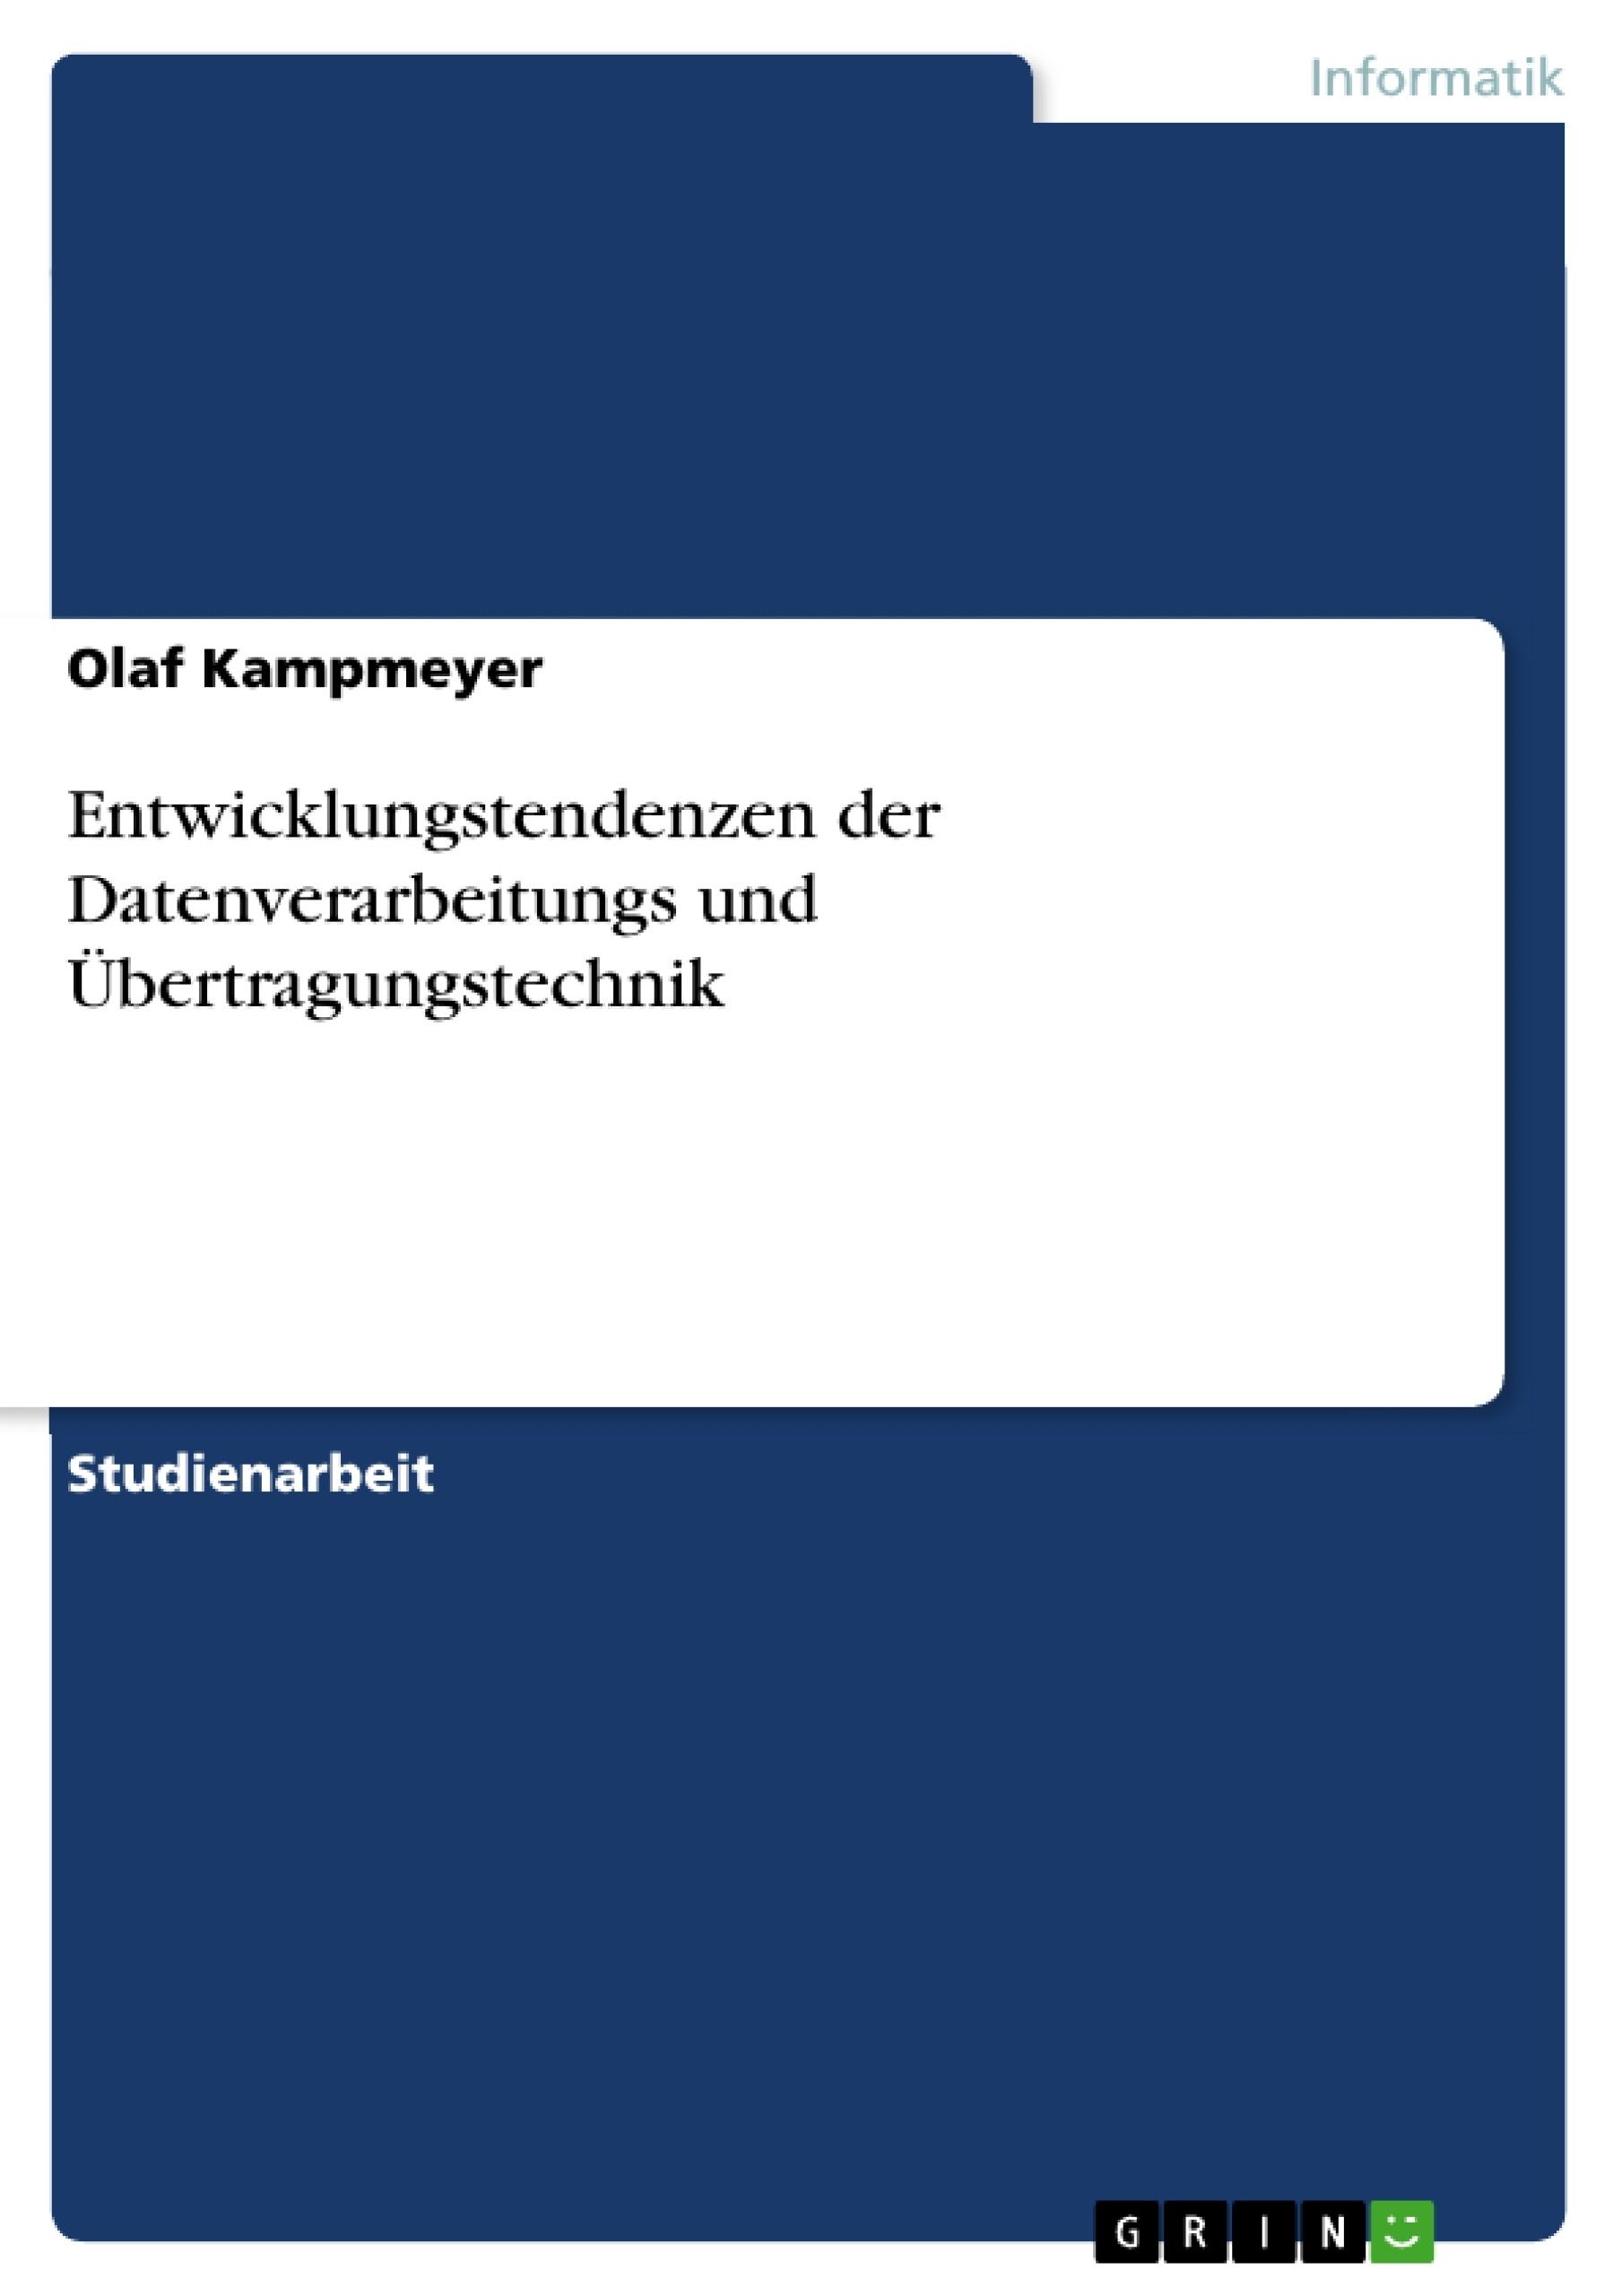 Titel: Entwicklungstendenzen der Datenverarbeitungs und Übertragungstechnik